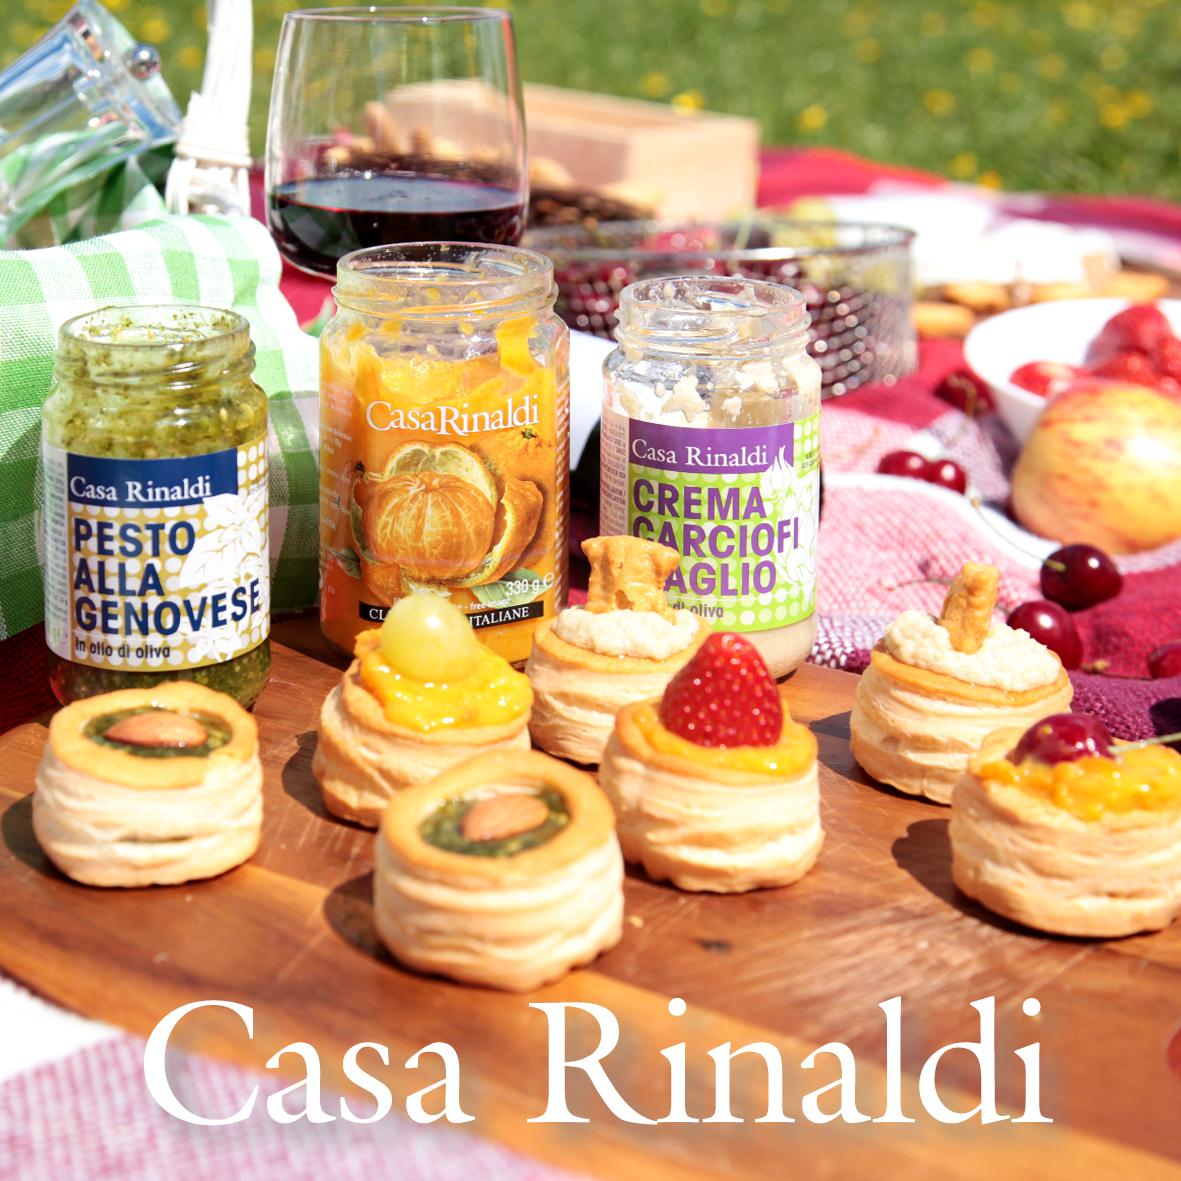 Крем-паста Casa Rinaldi из артишоков с чесноком в оливковом масле 500 г